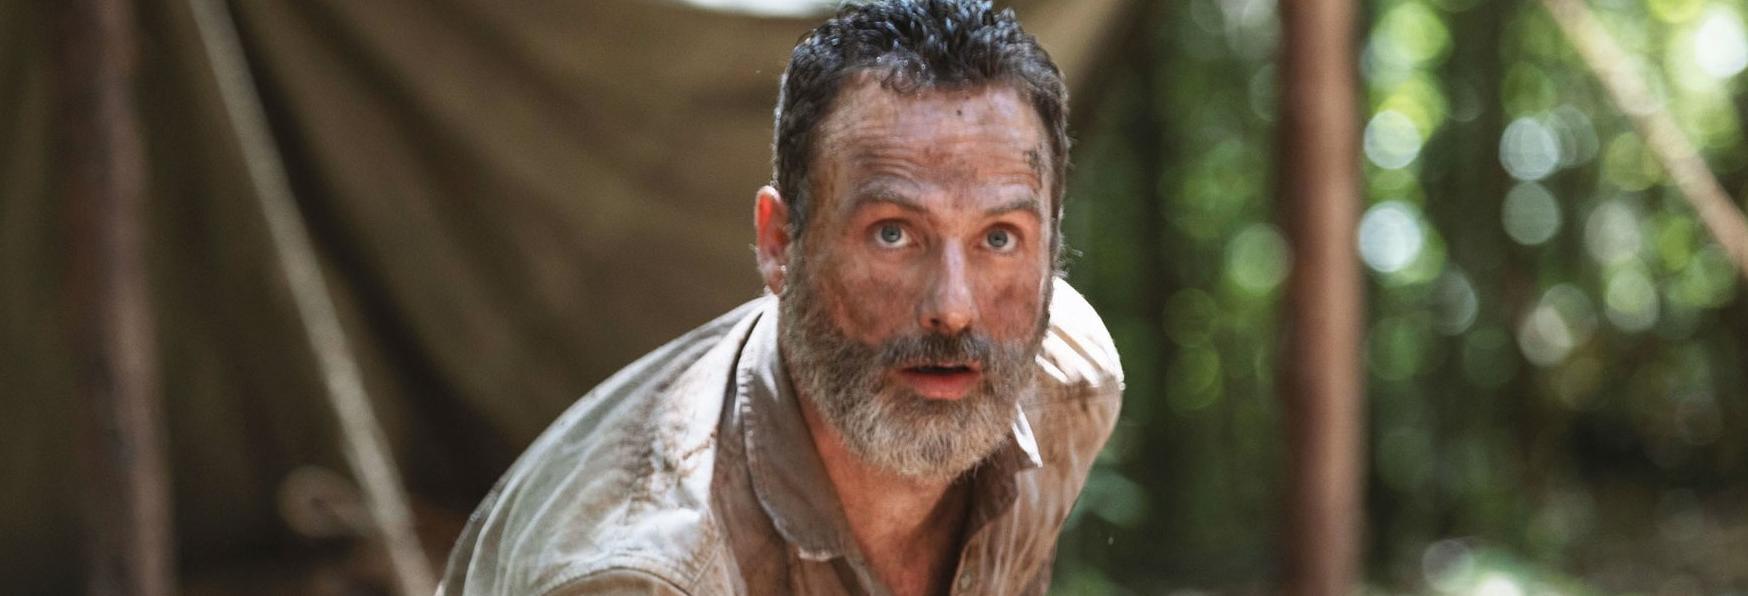 The Walking Dead: un Esilarante Aneddoto su Andrew Lincoln (Rick Grimes)